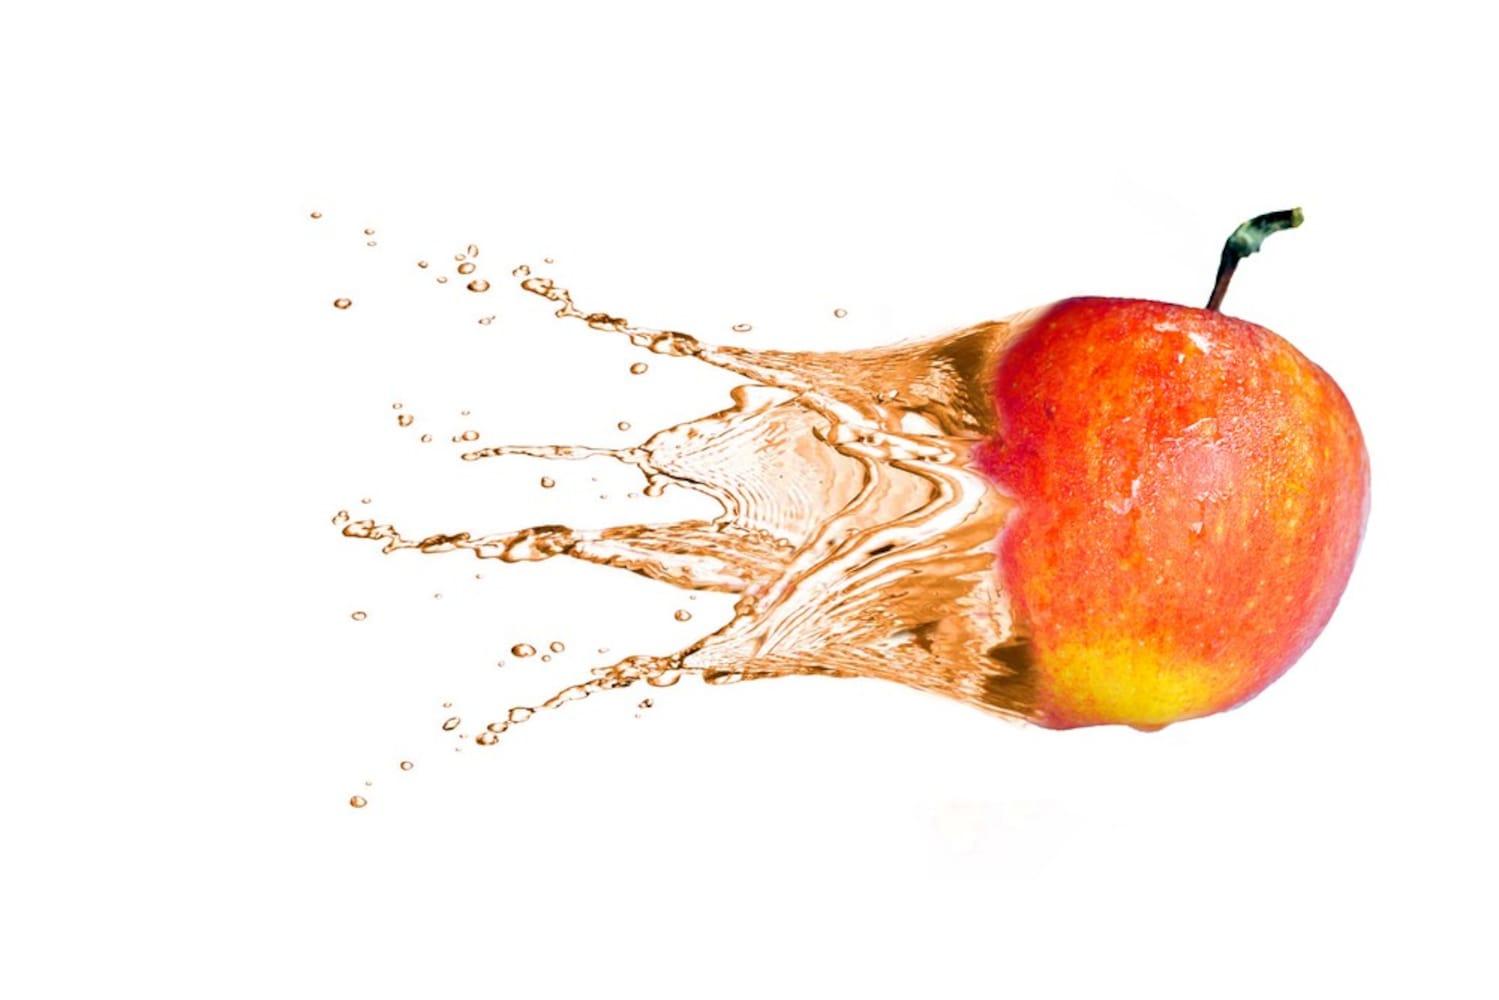 ストレート果汁 収穫後の果実をそのまま絞ったジュース